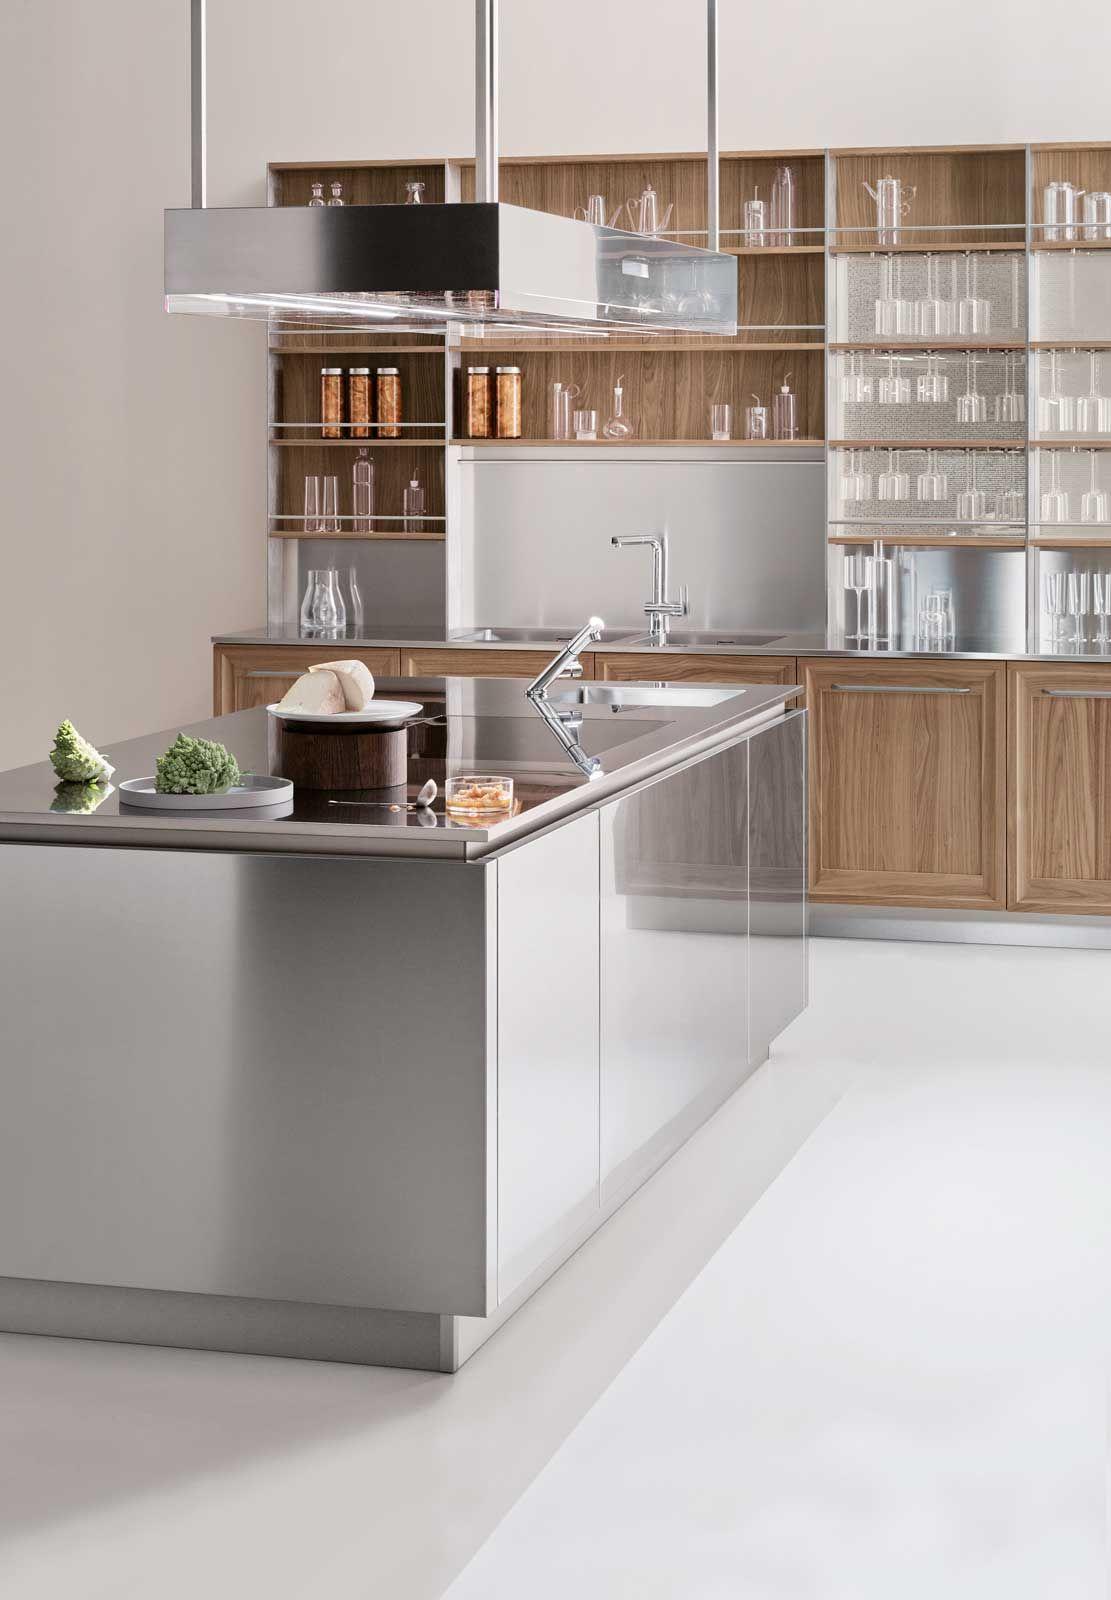 Cucina Lineare Acciaio | Finiture Dettagli Cucine Lube